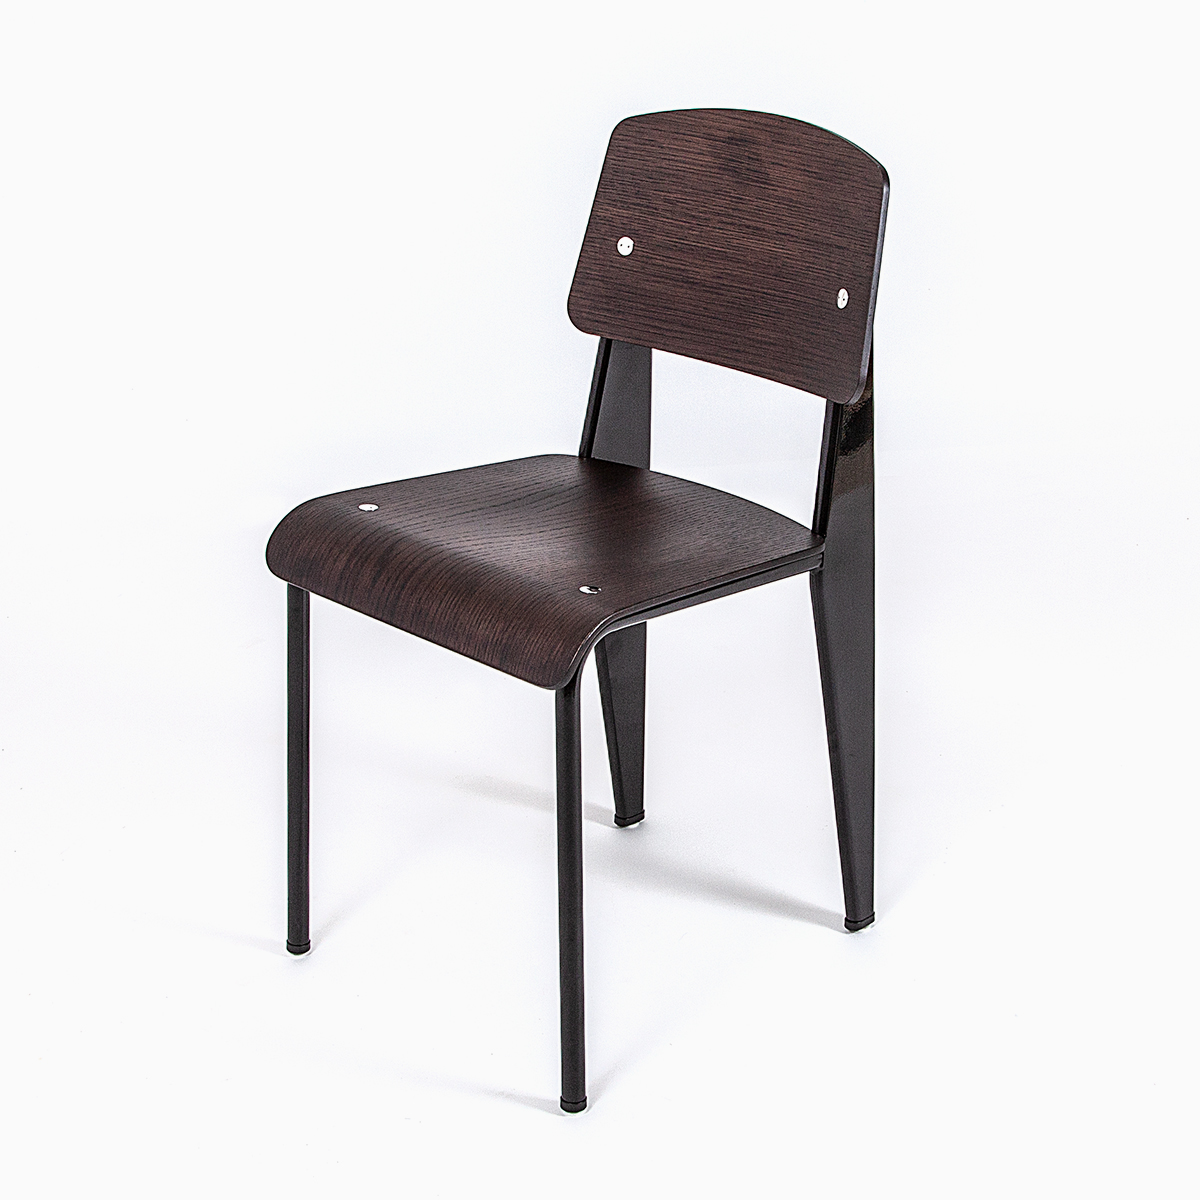 Jean Prouvé Standard Stuhl Re Edition Von Vitra Möbel Zürich